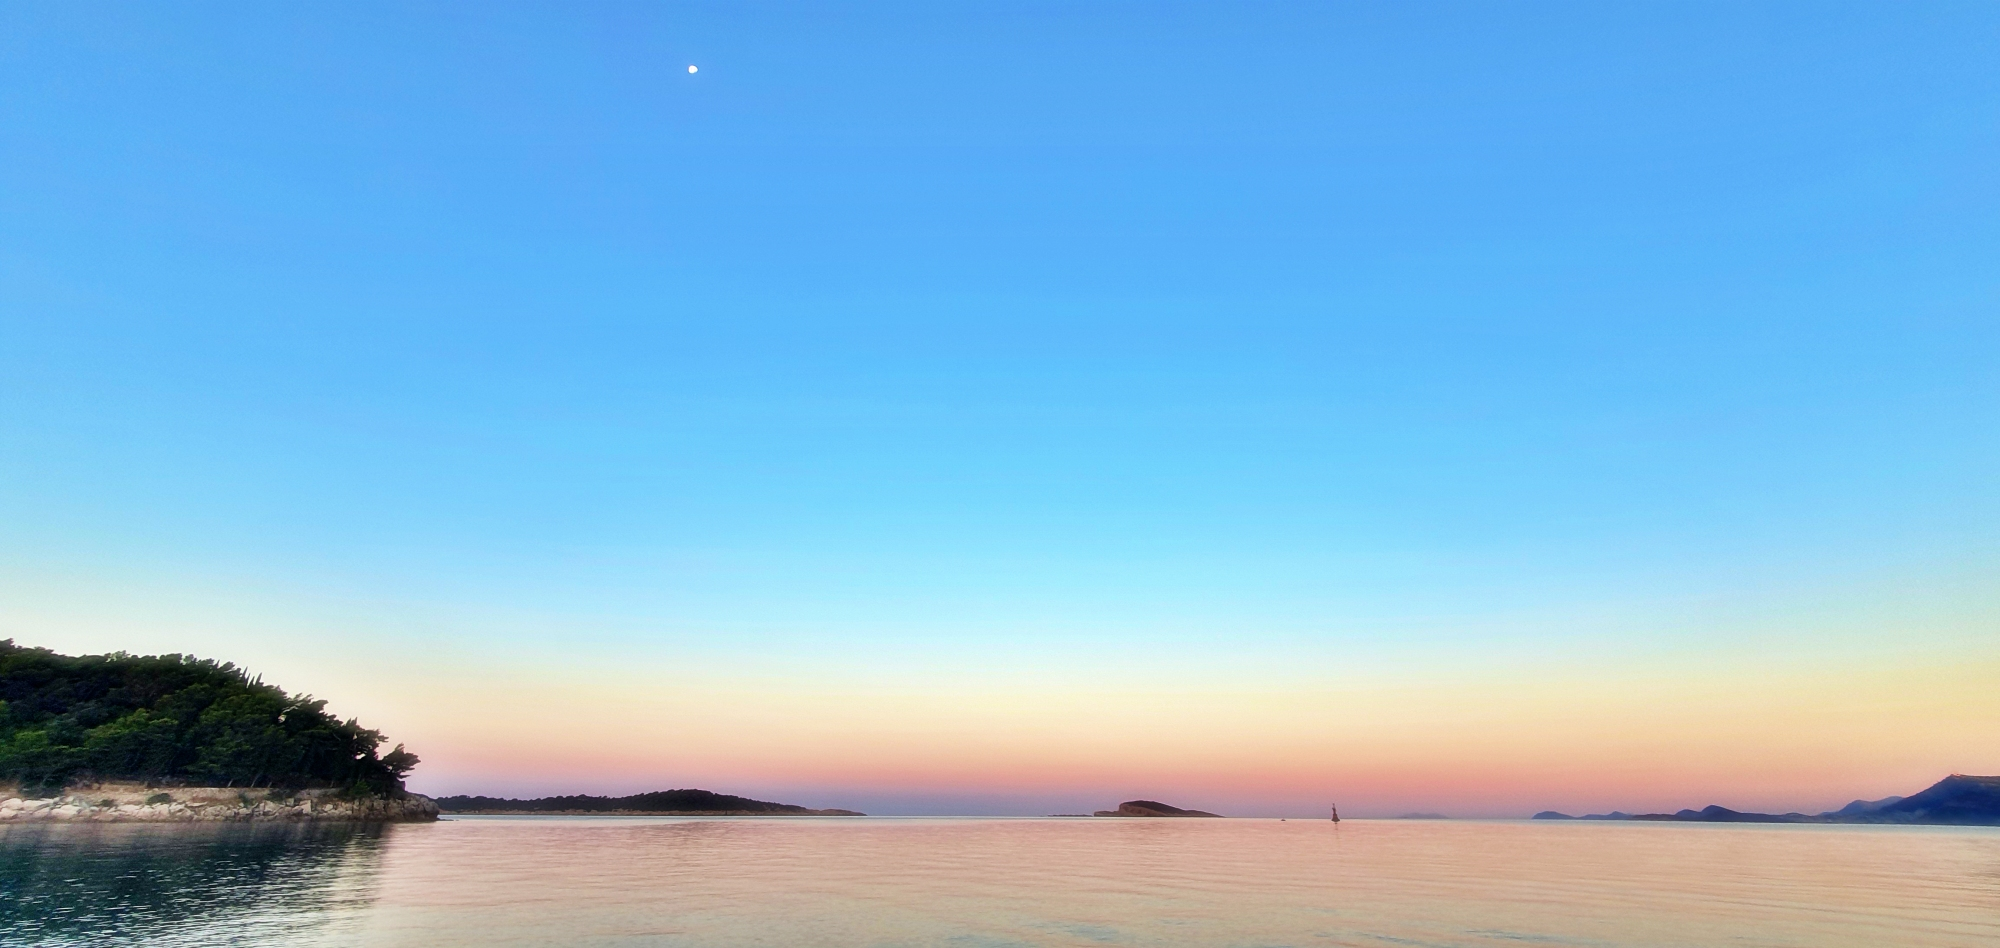 Sunrise at Cavtat